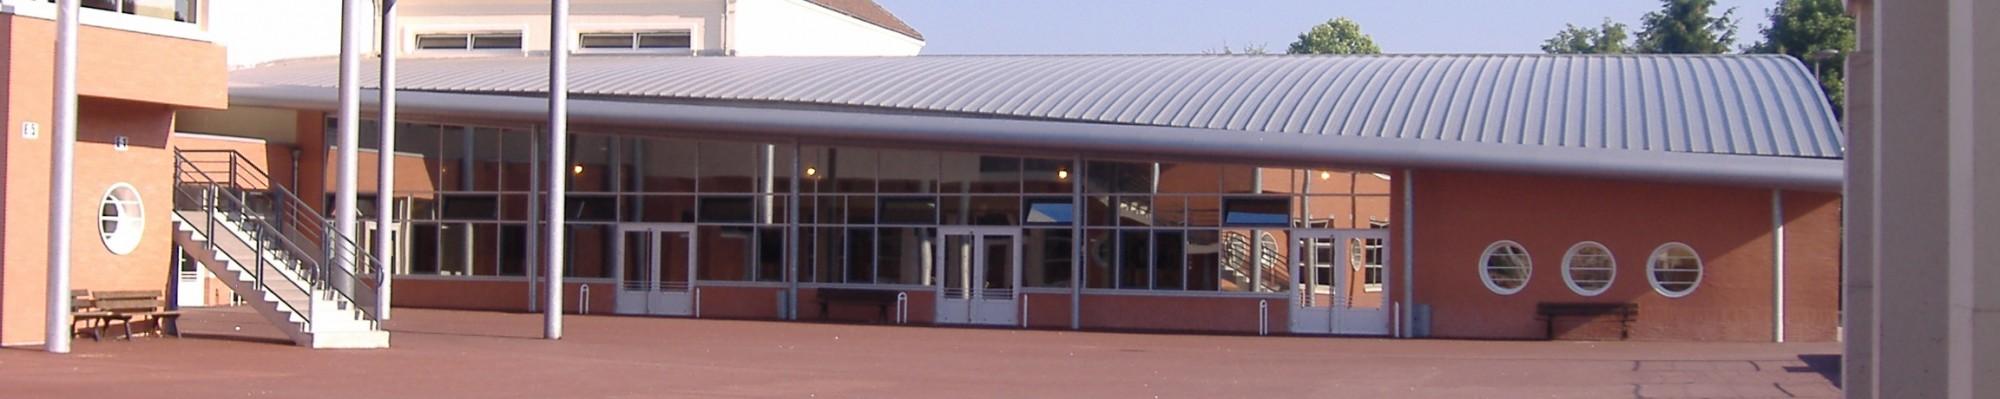 Collège Paul Portier